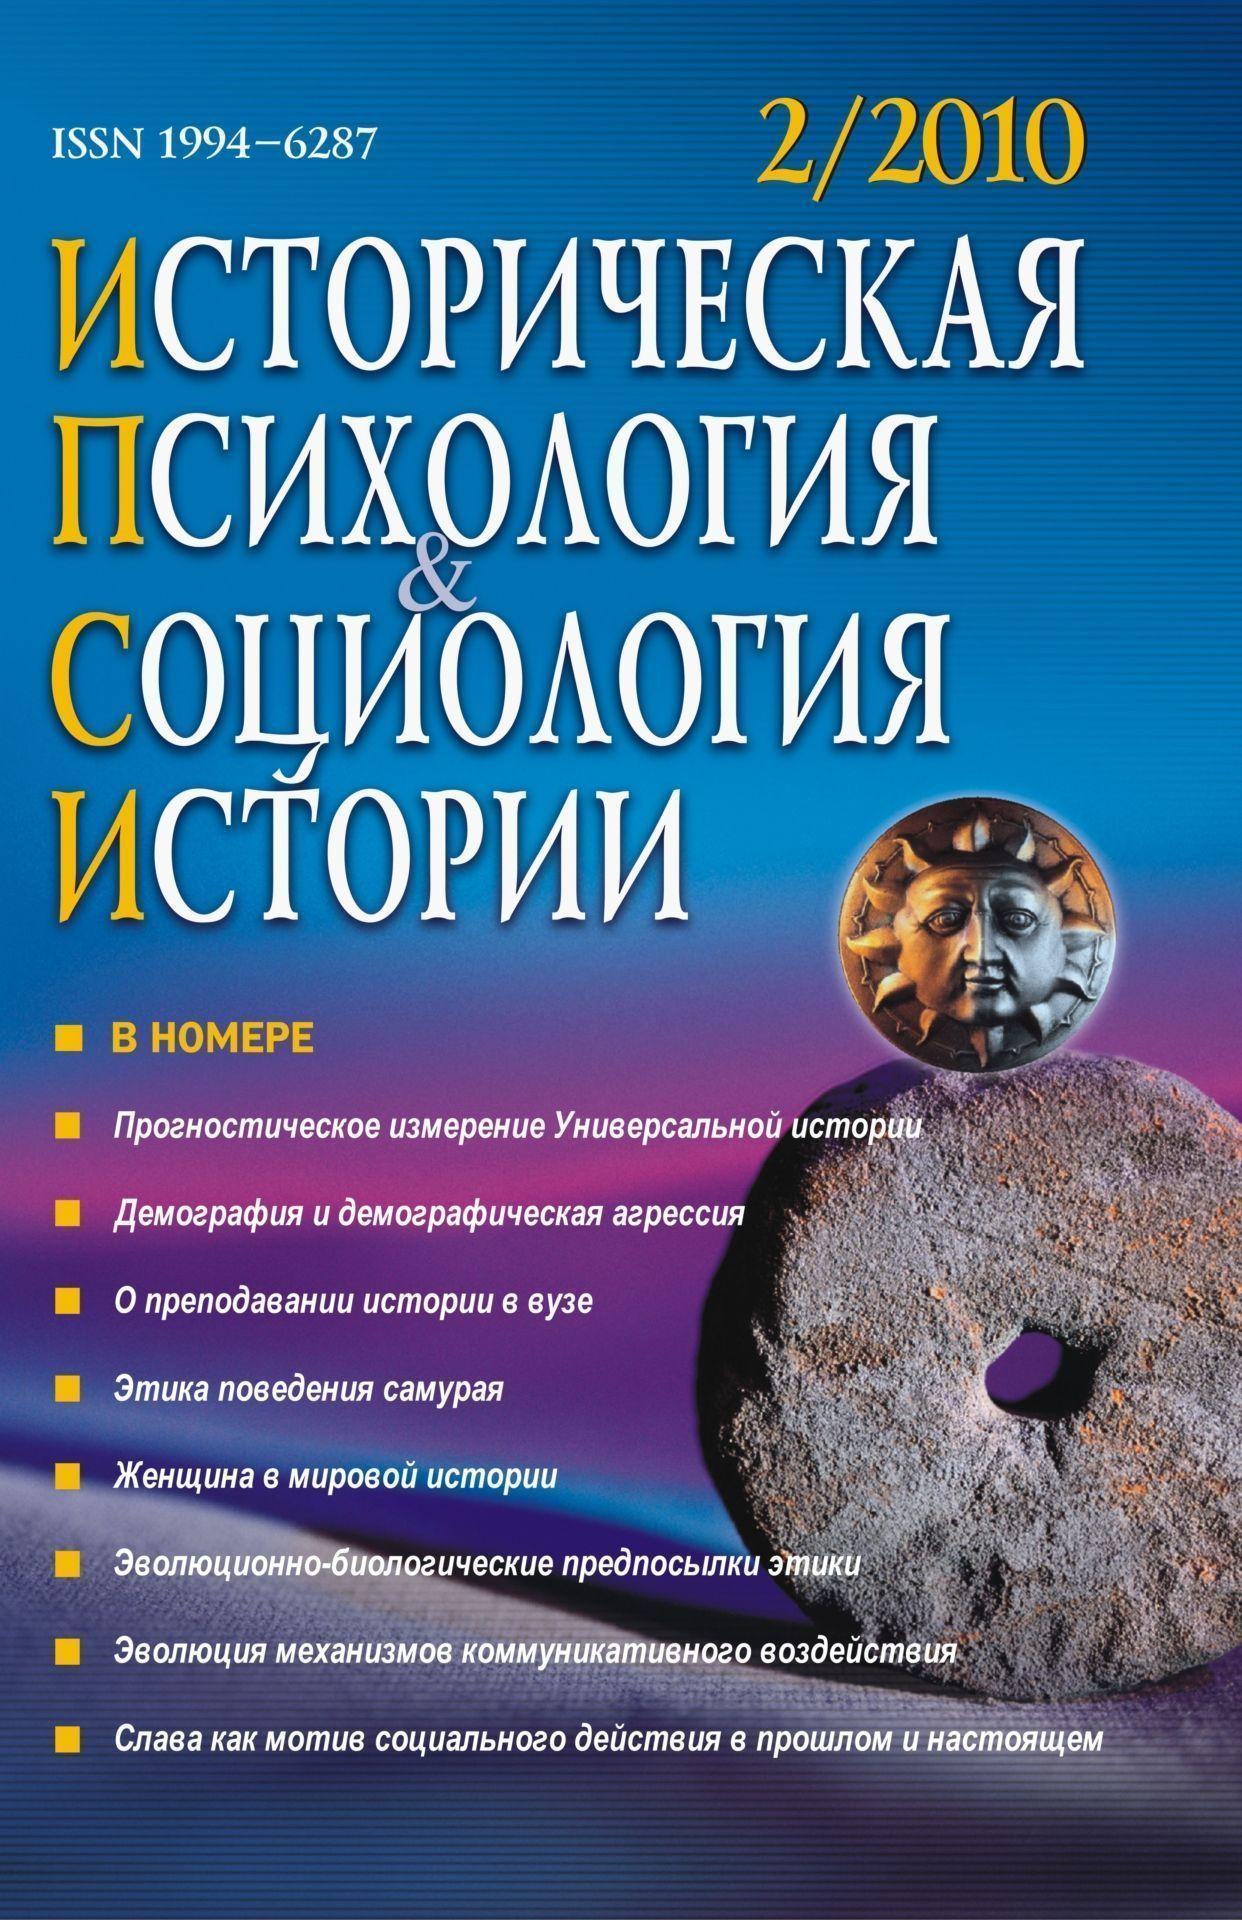 Историческая психология и социология истории. № 2, 2010 г. Научно-теоретический журнал.